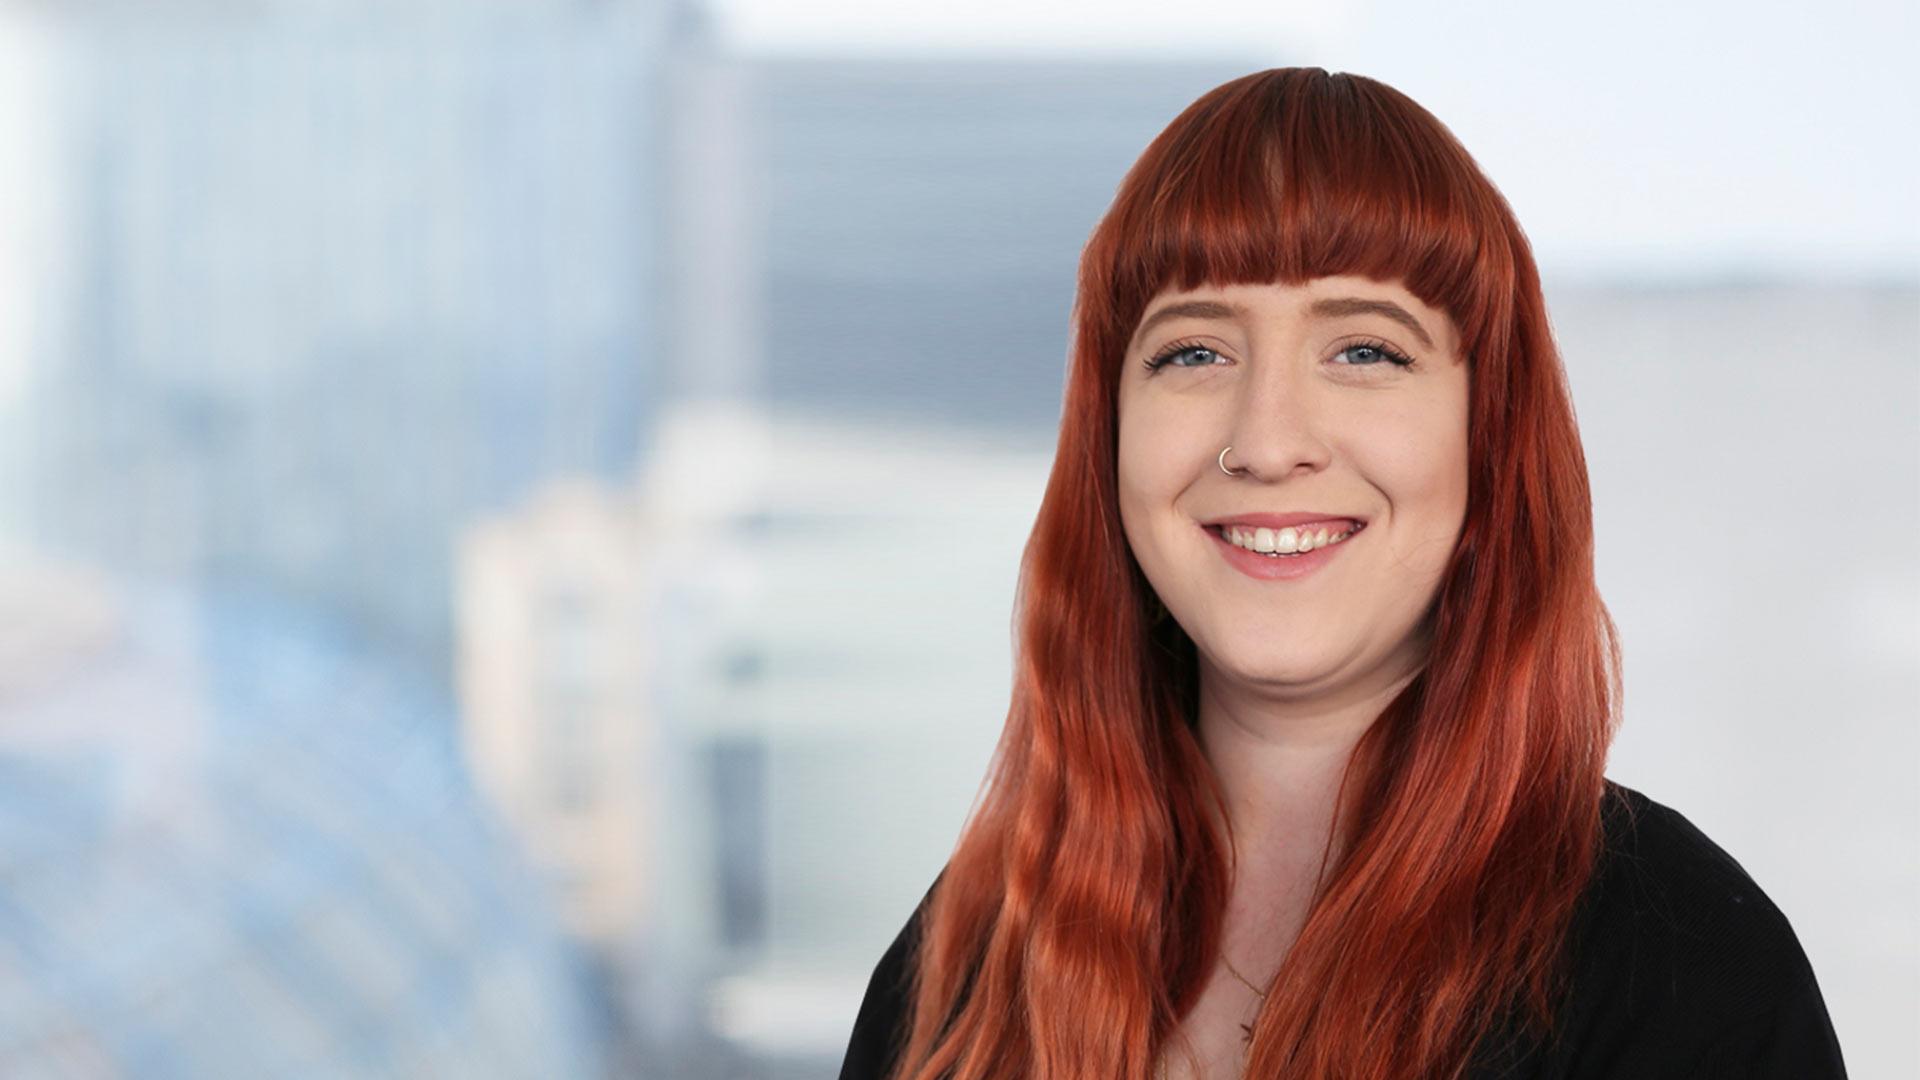 Sophie O'Rourke